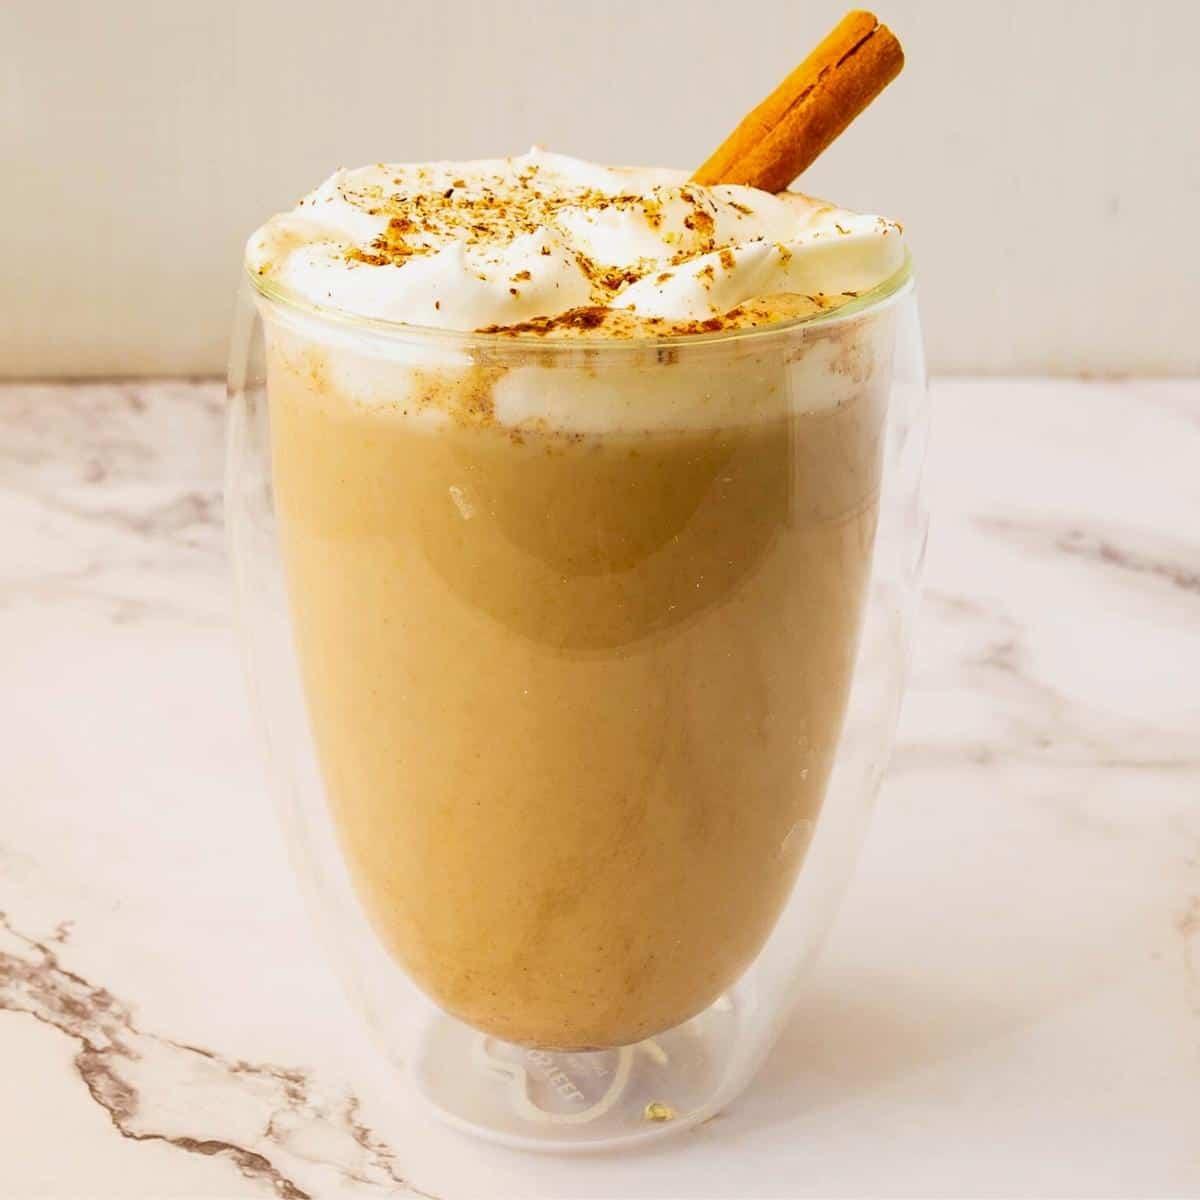 Pumpkin latte in a glass.